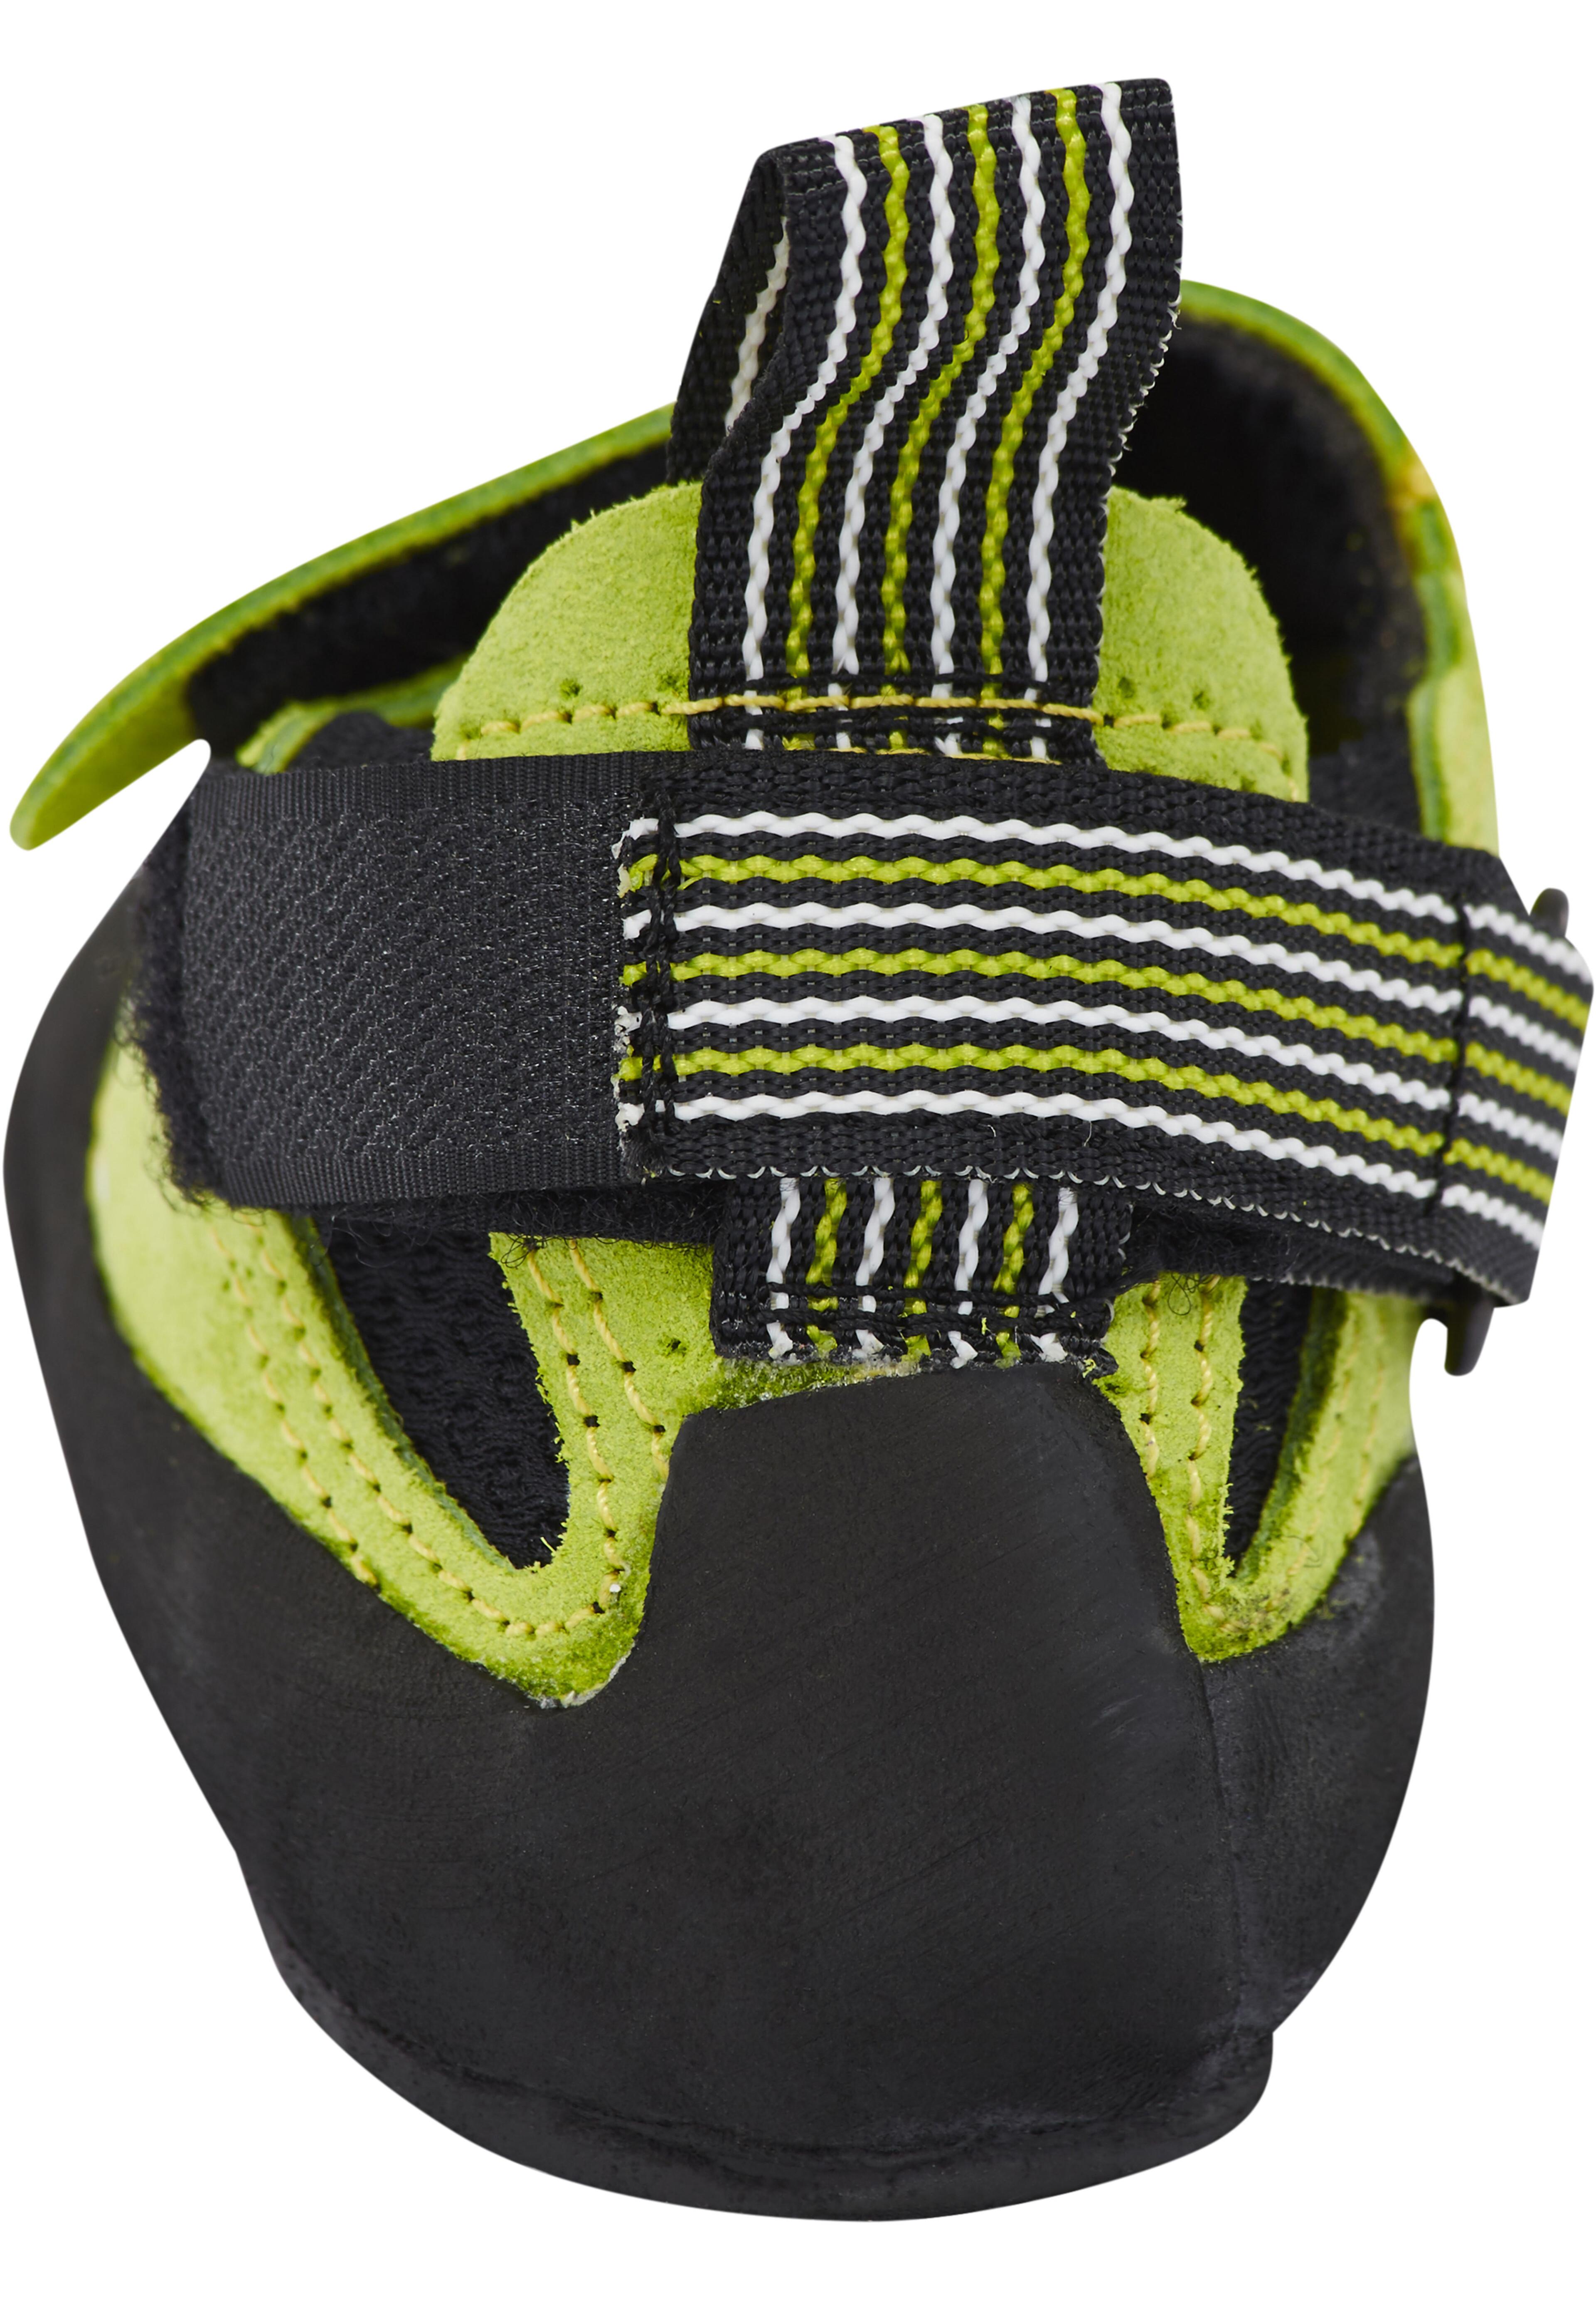 2d6a3c700b588 Boreal Ninja Junior - Chaussures d escalade Enfant - vert sur CAMPZ !